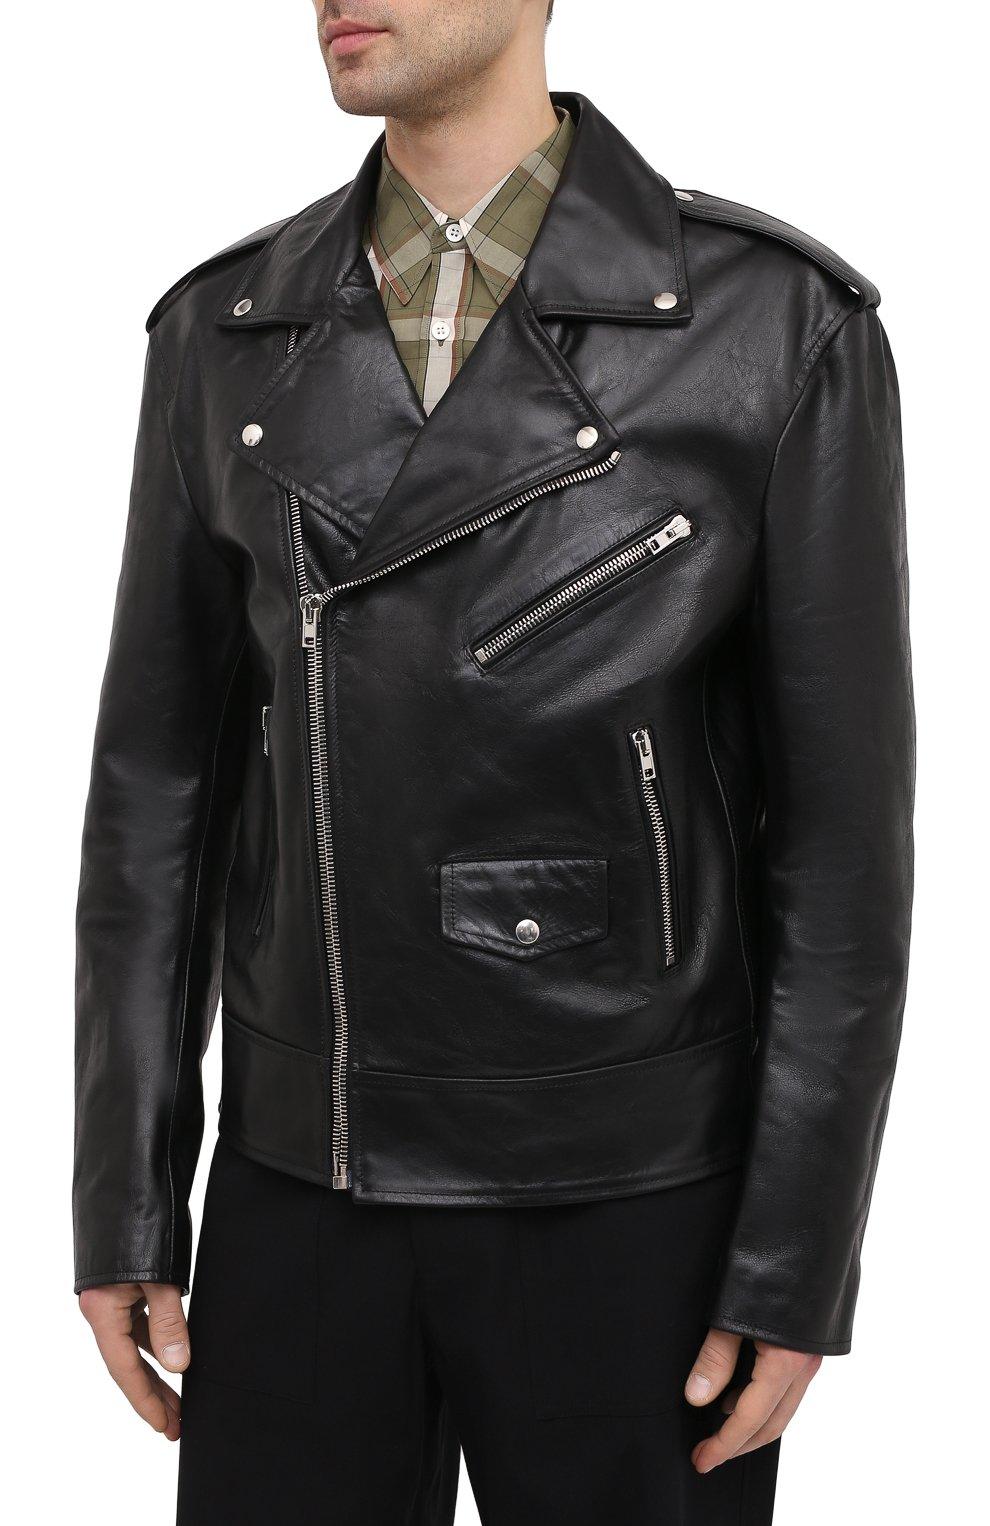 Мужская кожаная куртка VETEMENTS черного цвета, арт. UE51JA800WL 2470/M   Фото 3 (Кросс-КТ: Куртка; Рукава: Длинные; Стили: Гранж; Мужское Кросс-КТ: Кожа и замша; Длина (верхняя одежда): Короткие; Материал подклада: Вискоза)